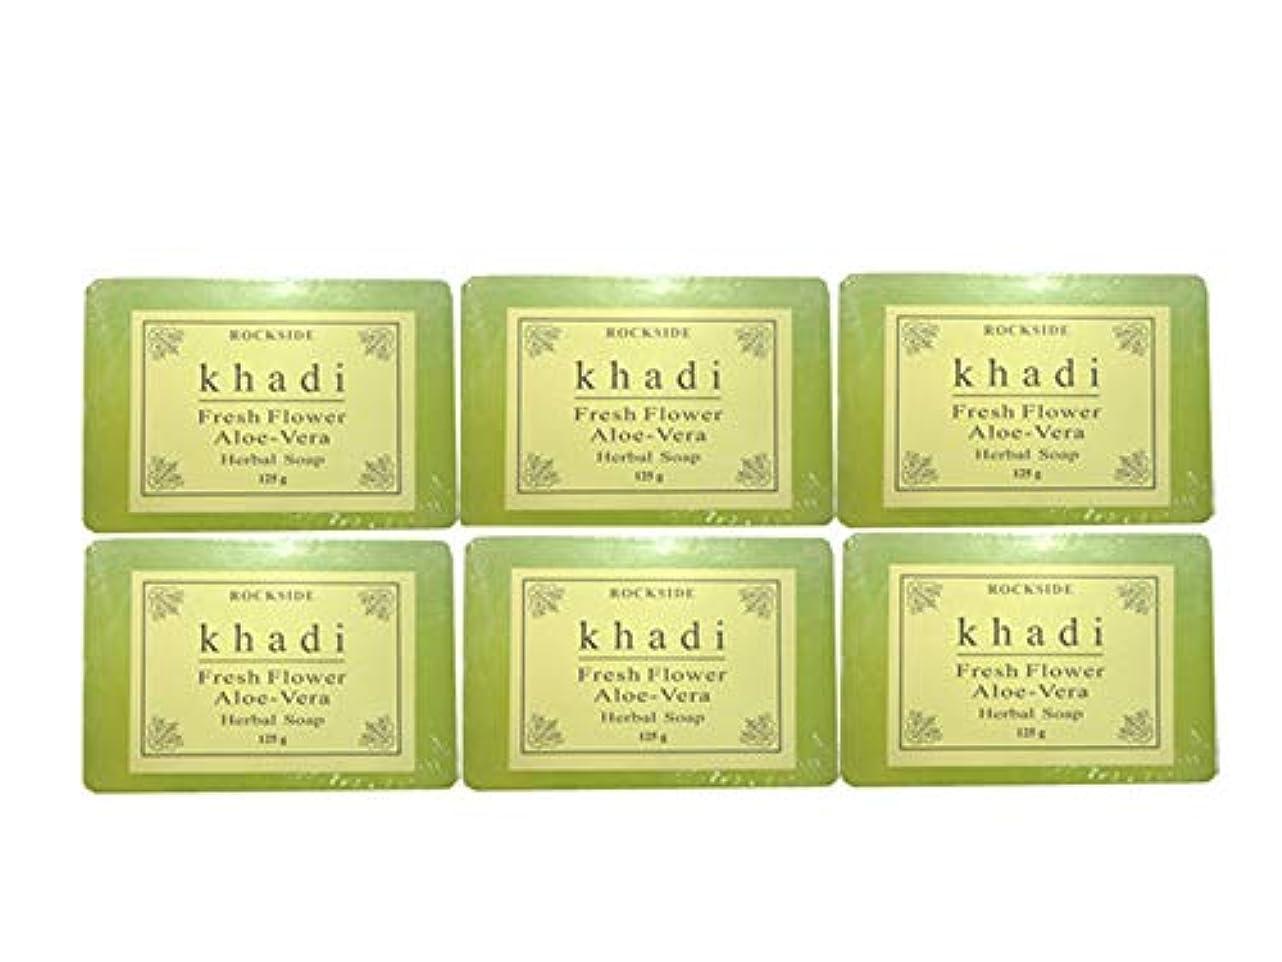 熟読限りなくアンタゴニスト手作り カーディ フレッシュフラワー2 ハーバルソープ Khadi Fresh Flower Aloe-Vera Herbal Soap 6個SET